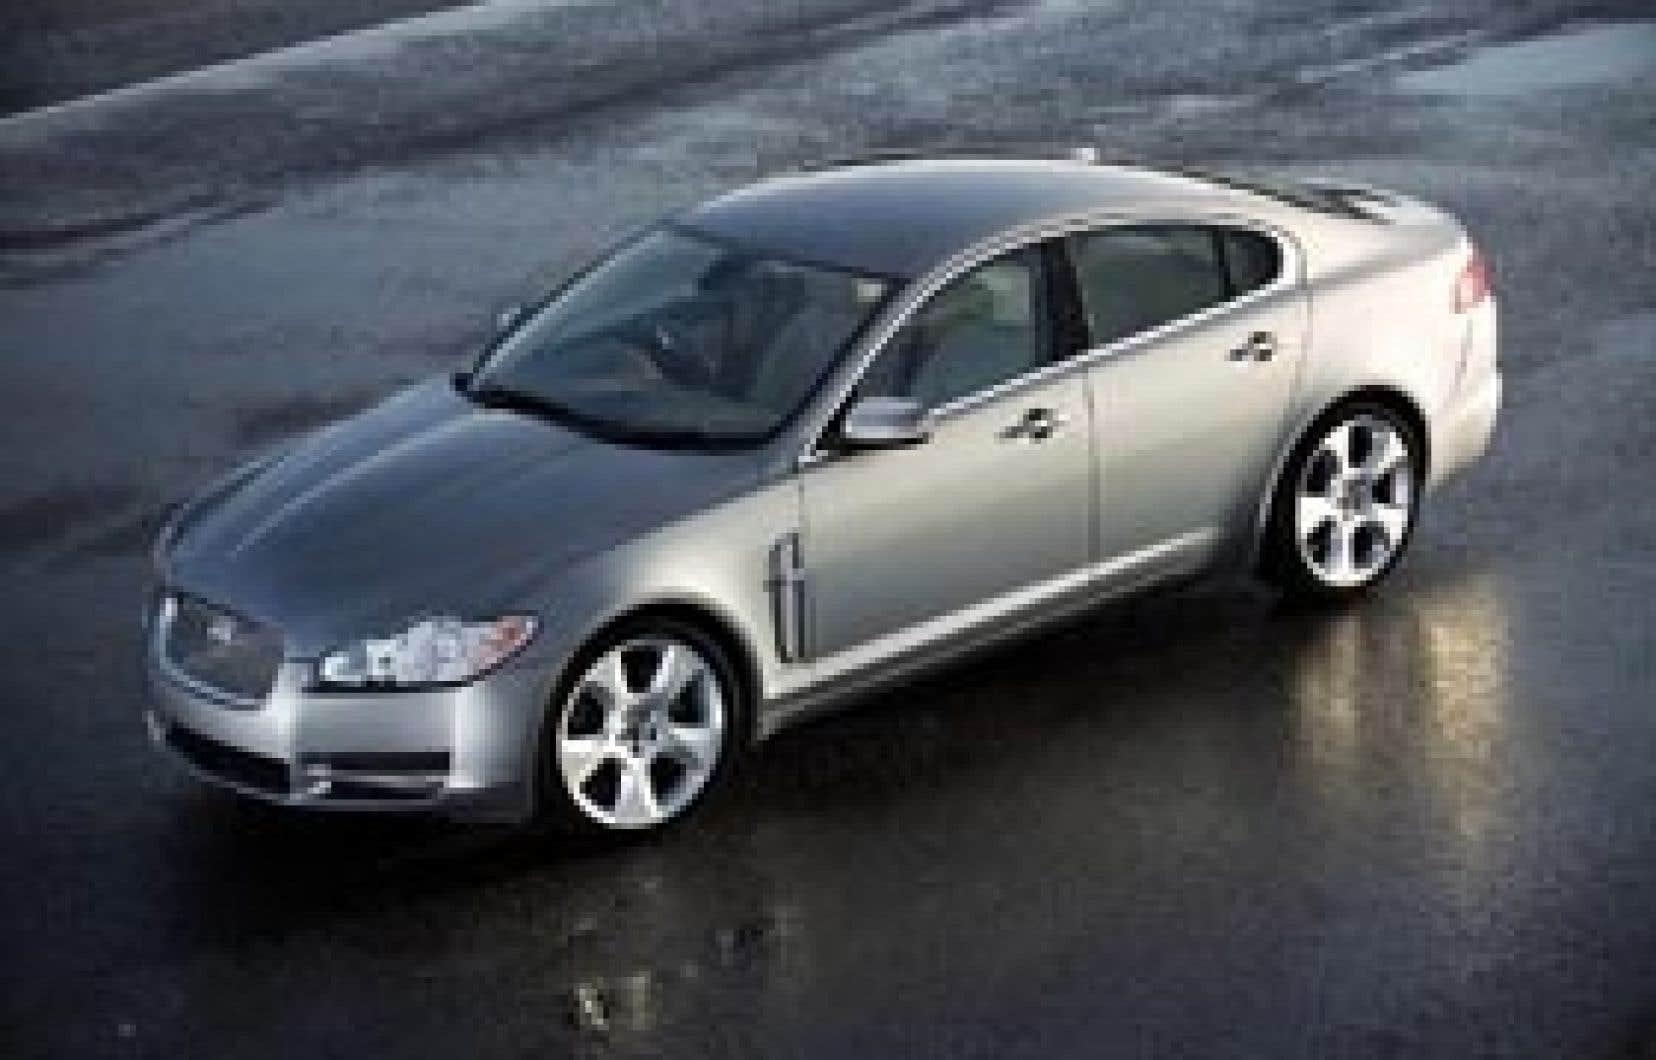 La carrosserie de la nouvelle Jaguar XF marque une rupture de style non seulement avec sa devancière, la S-Type, mais avec le style Jaguar tel qu'on le connaît depuis des décennies.